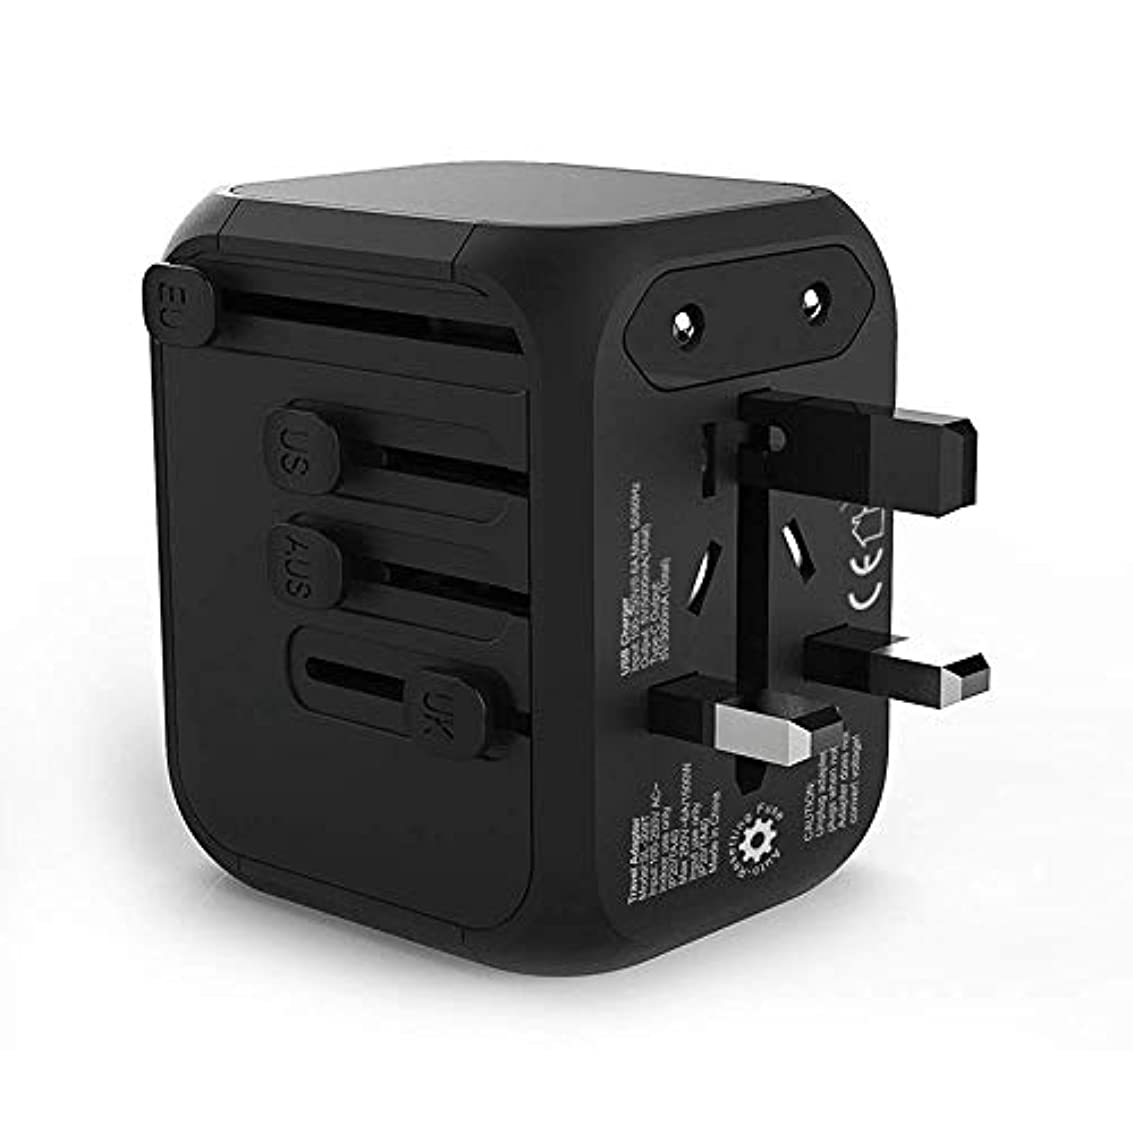 雨の日常的に地震USB充電器プラグ、各国用ソケット穴、ウォールチャージャー、5.0A、1Type-c、3ポートUSBプラグ充電器、iOS、iPad、タブレット、パワーバンク、ホーム、オフィス、ブラック用